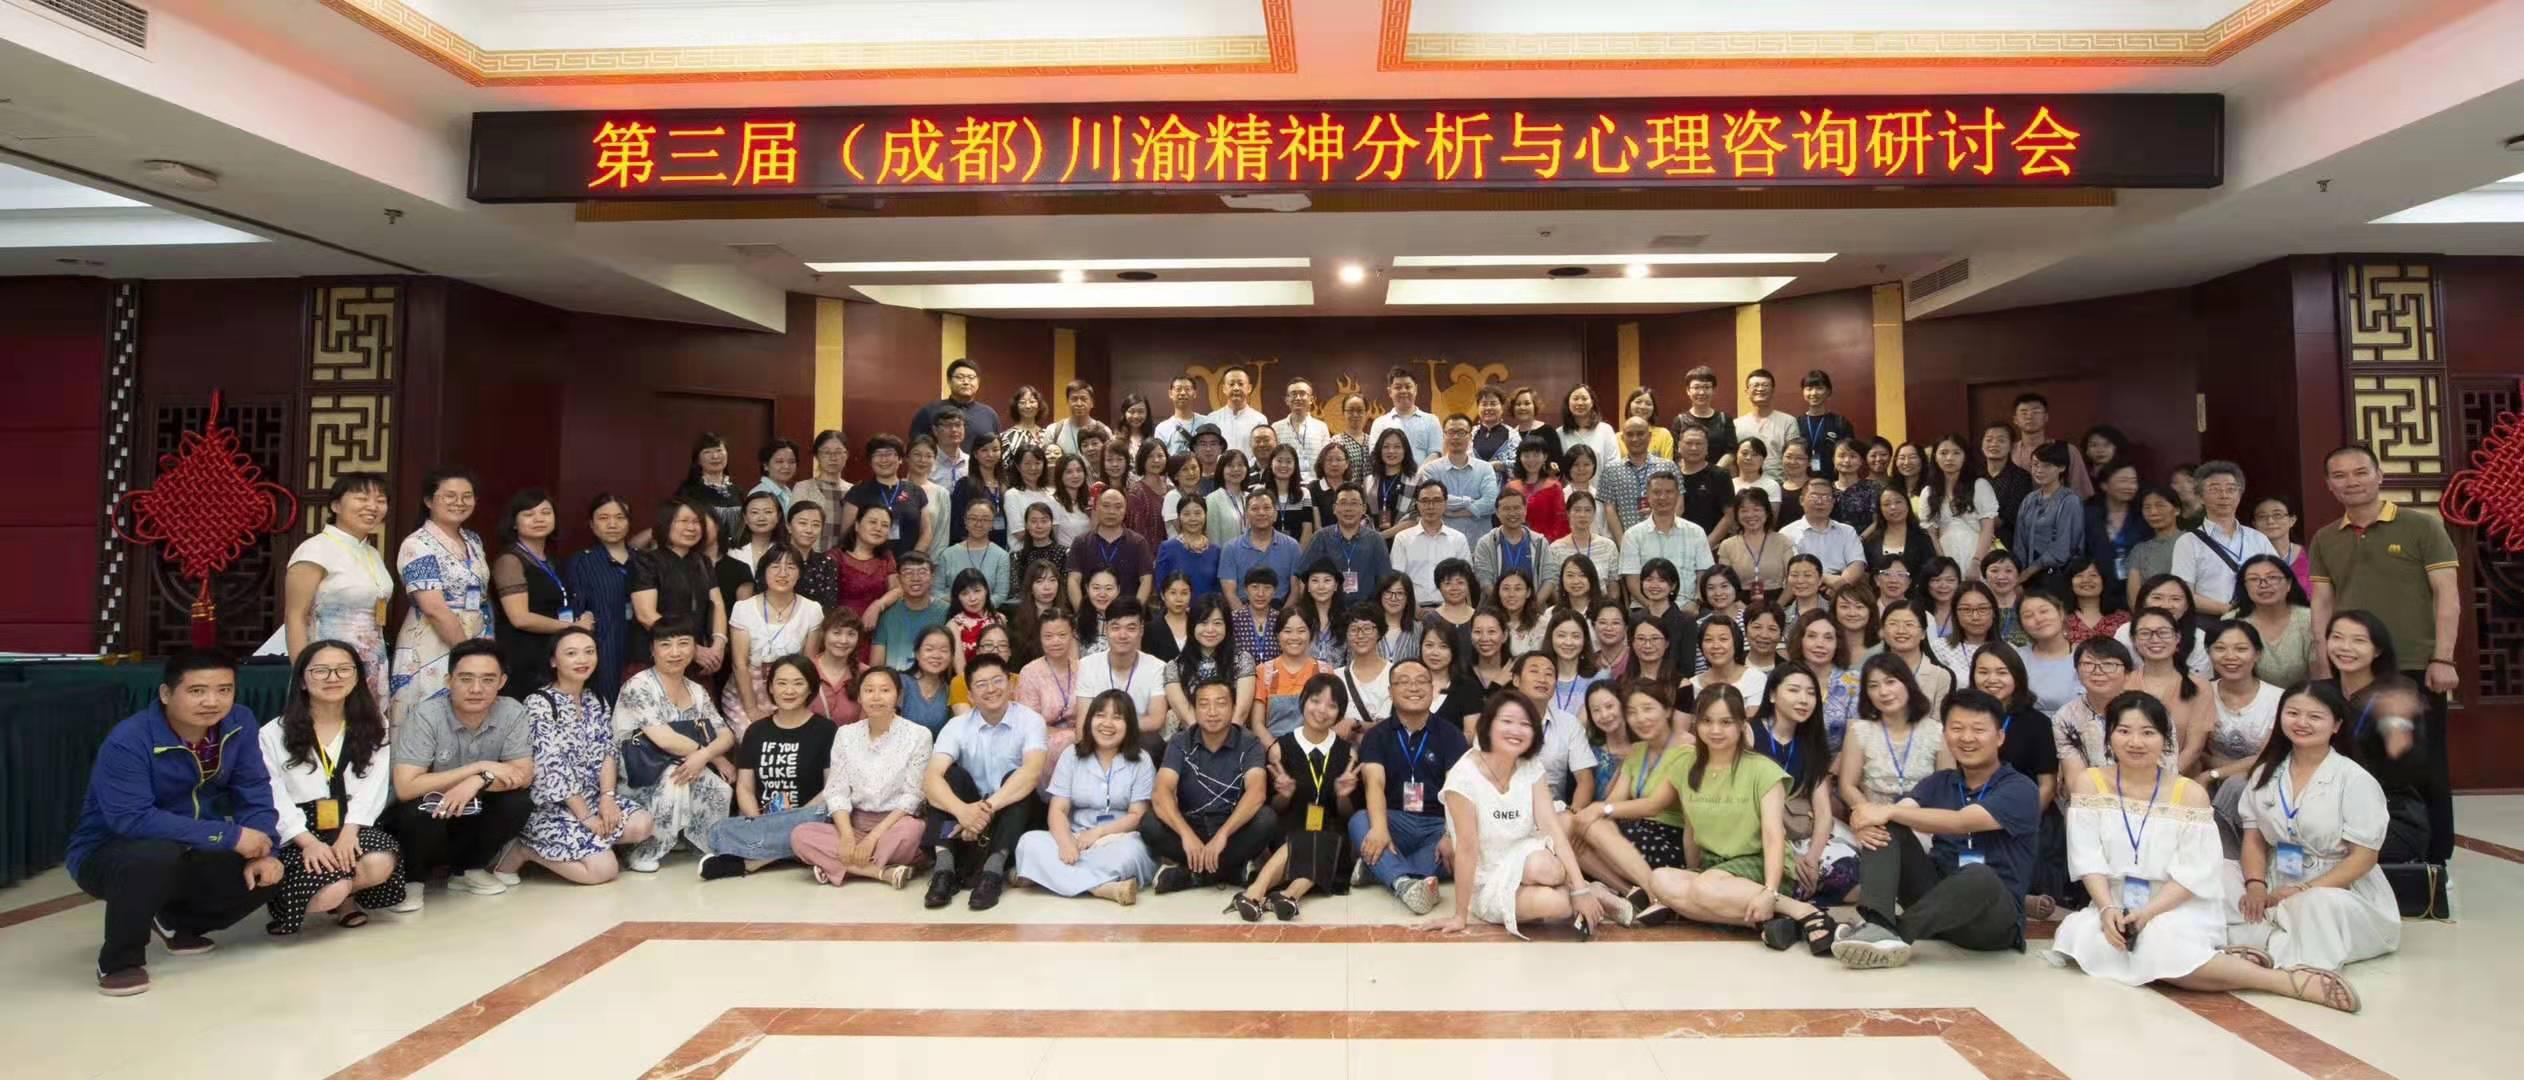 2019年第三届川渝精神分析与心理咨询研讨会顺利召开